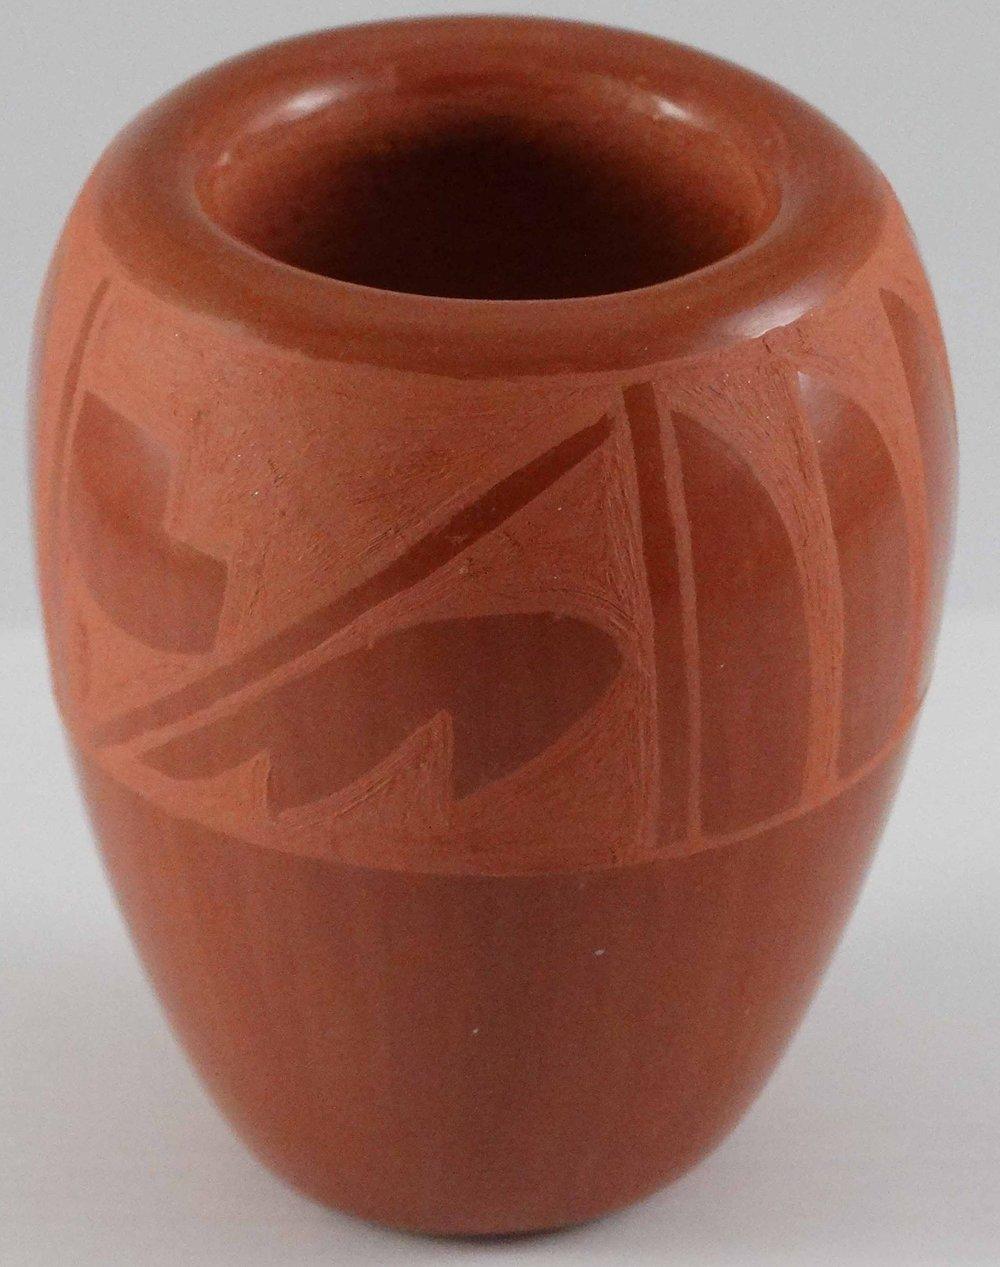 Redware Jar by Harriet Tafoya (click to enlarge)